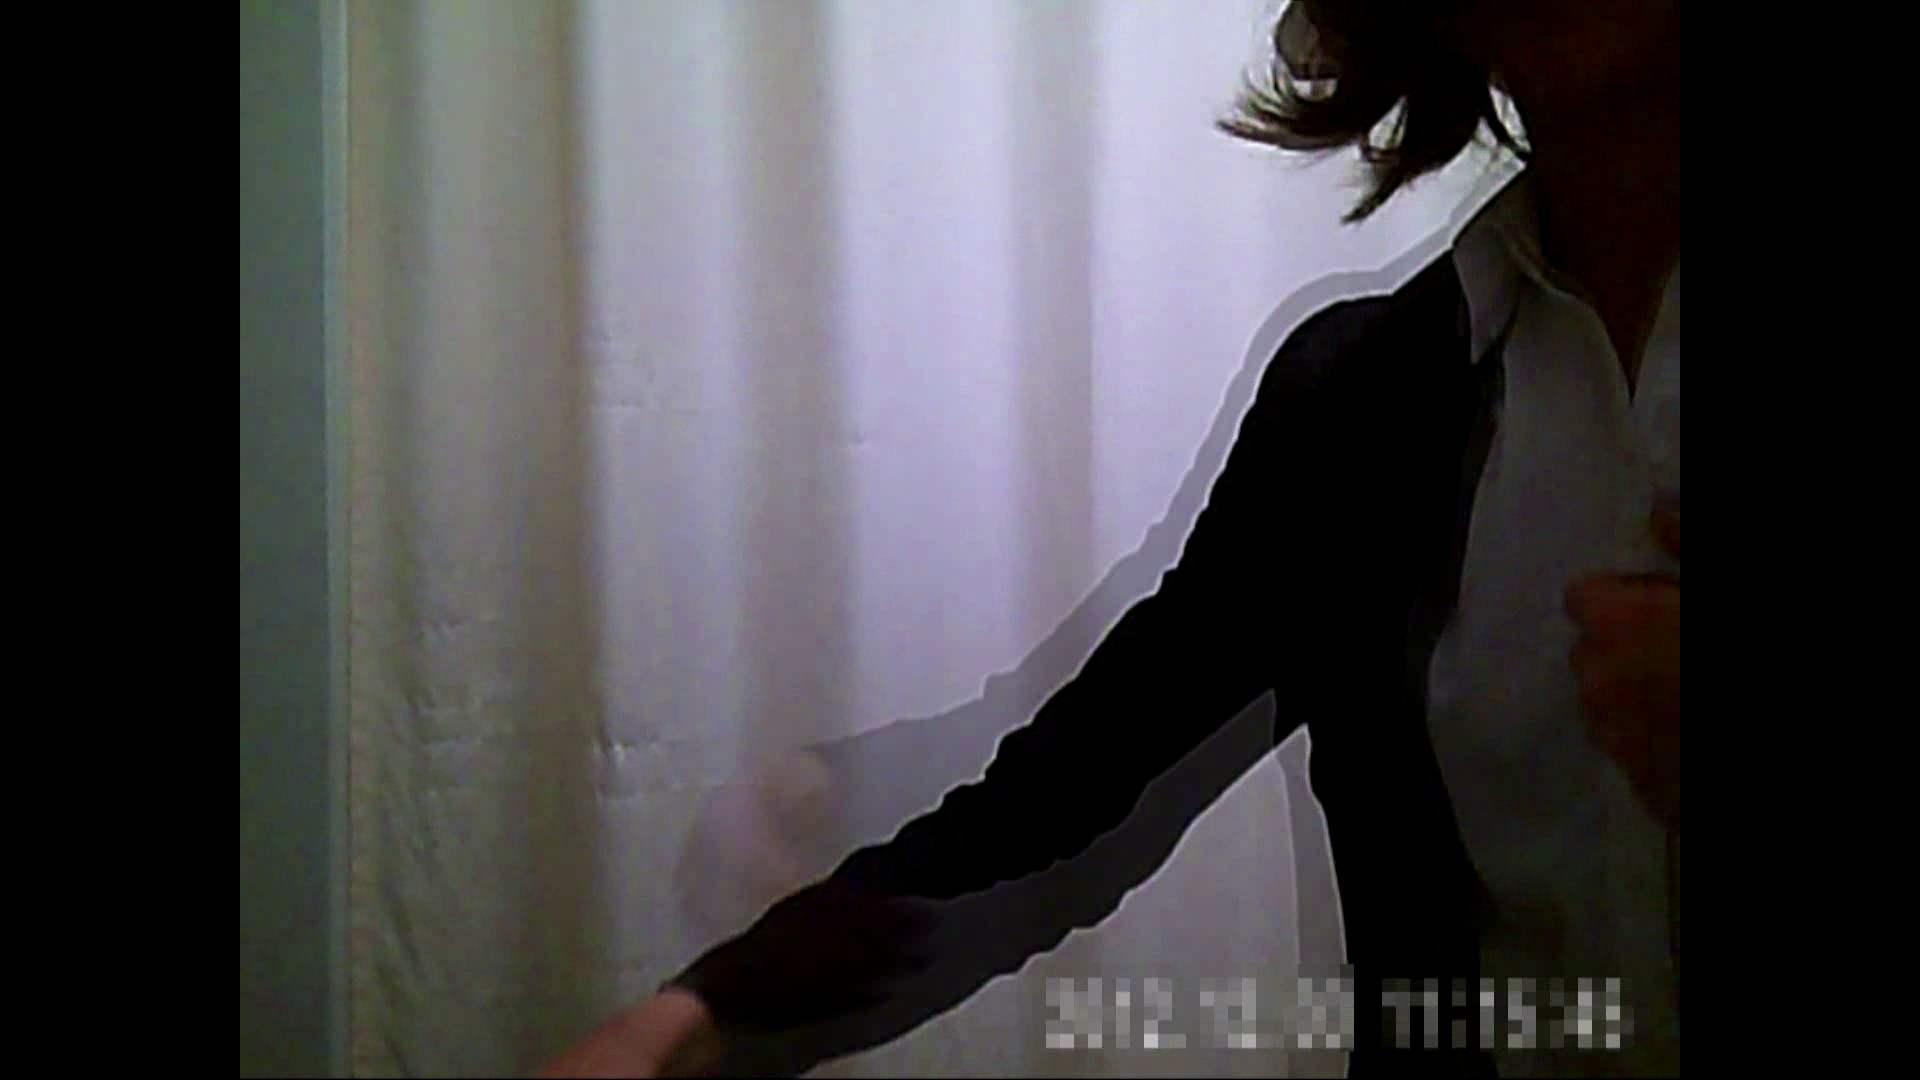 病院おもいっきり着替え! vol.166 女体盗撮 盗撮エロ画像 107連発 9